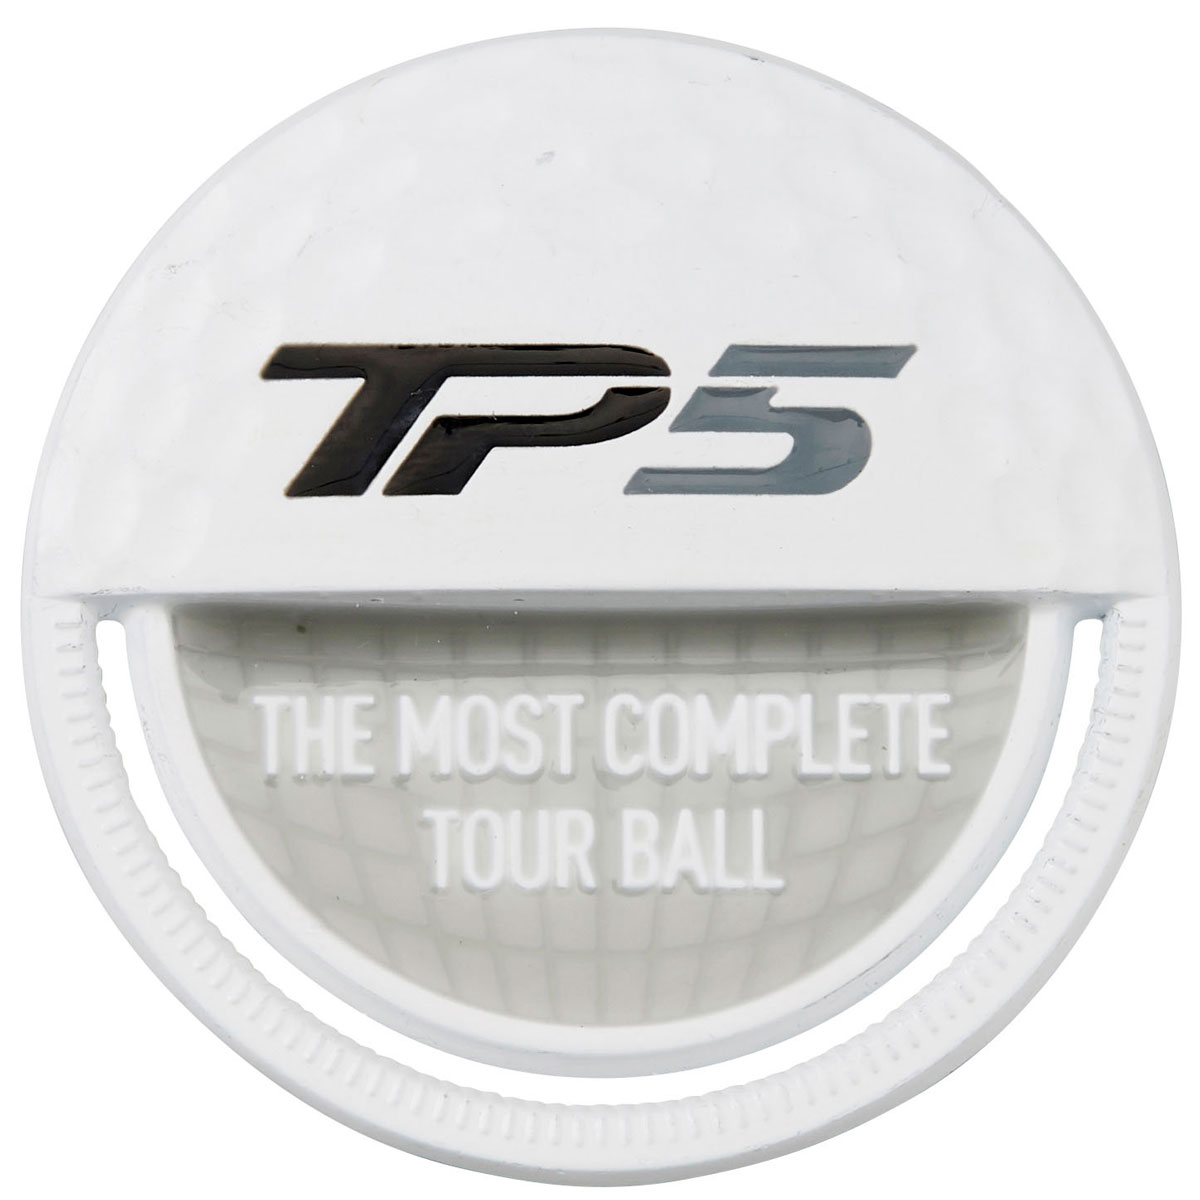 TP5 コインマーカー